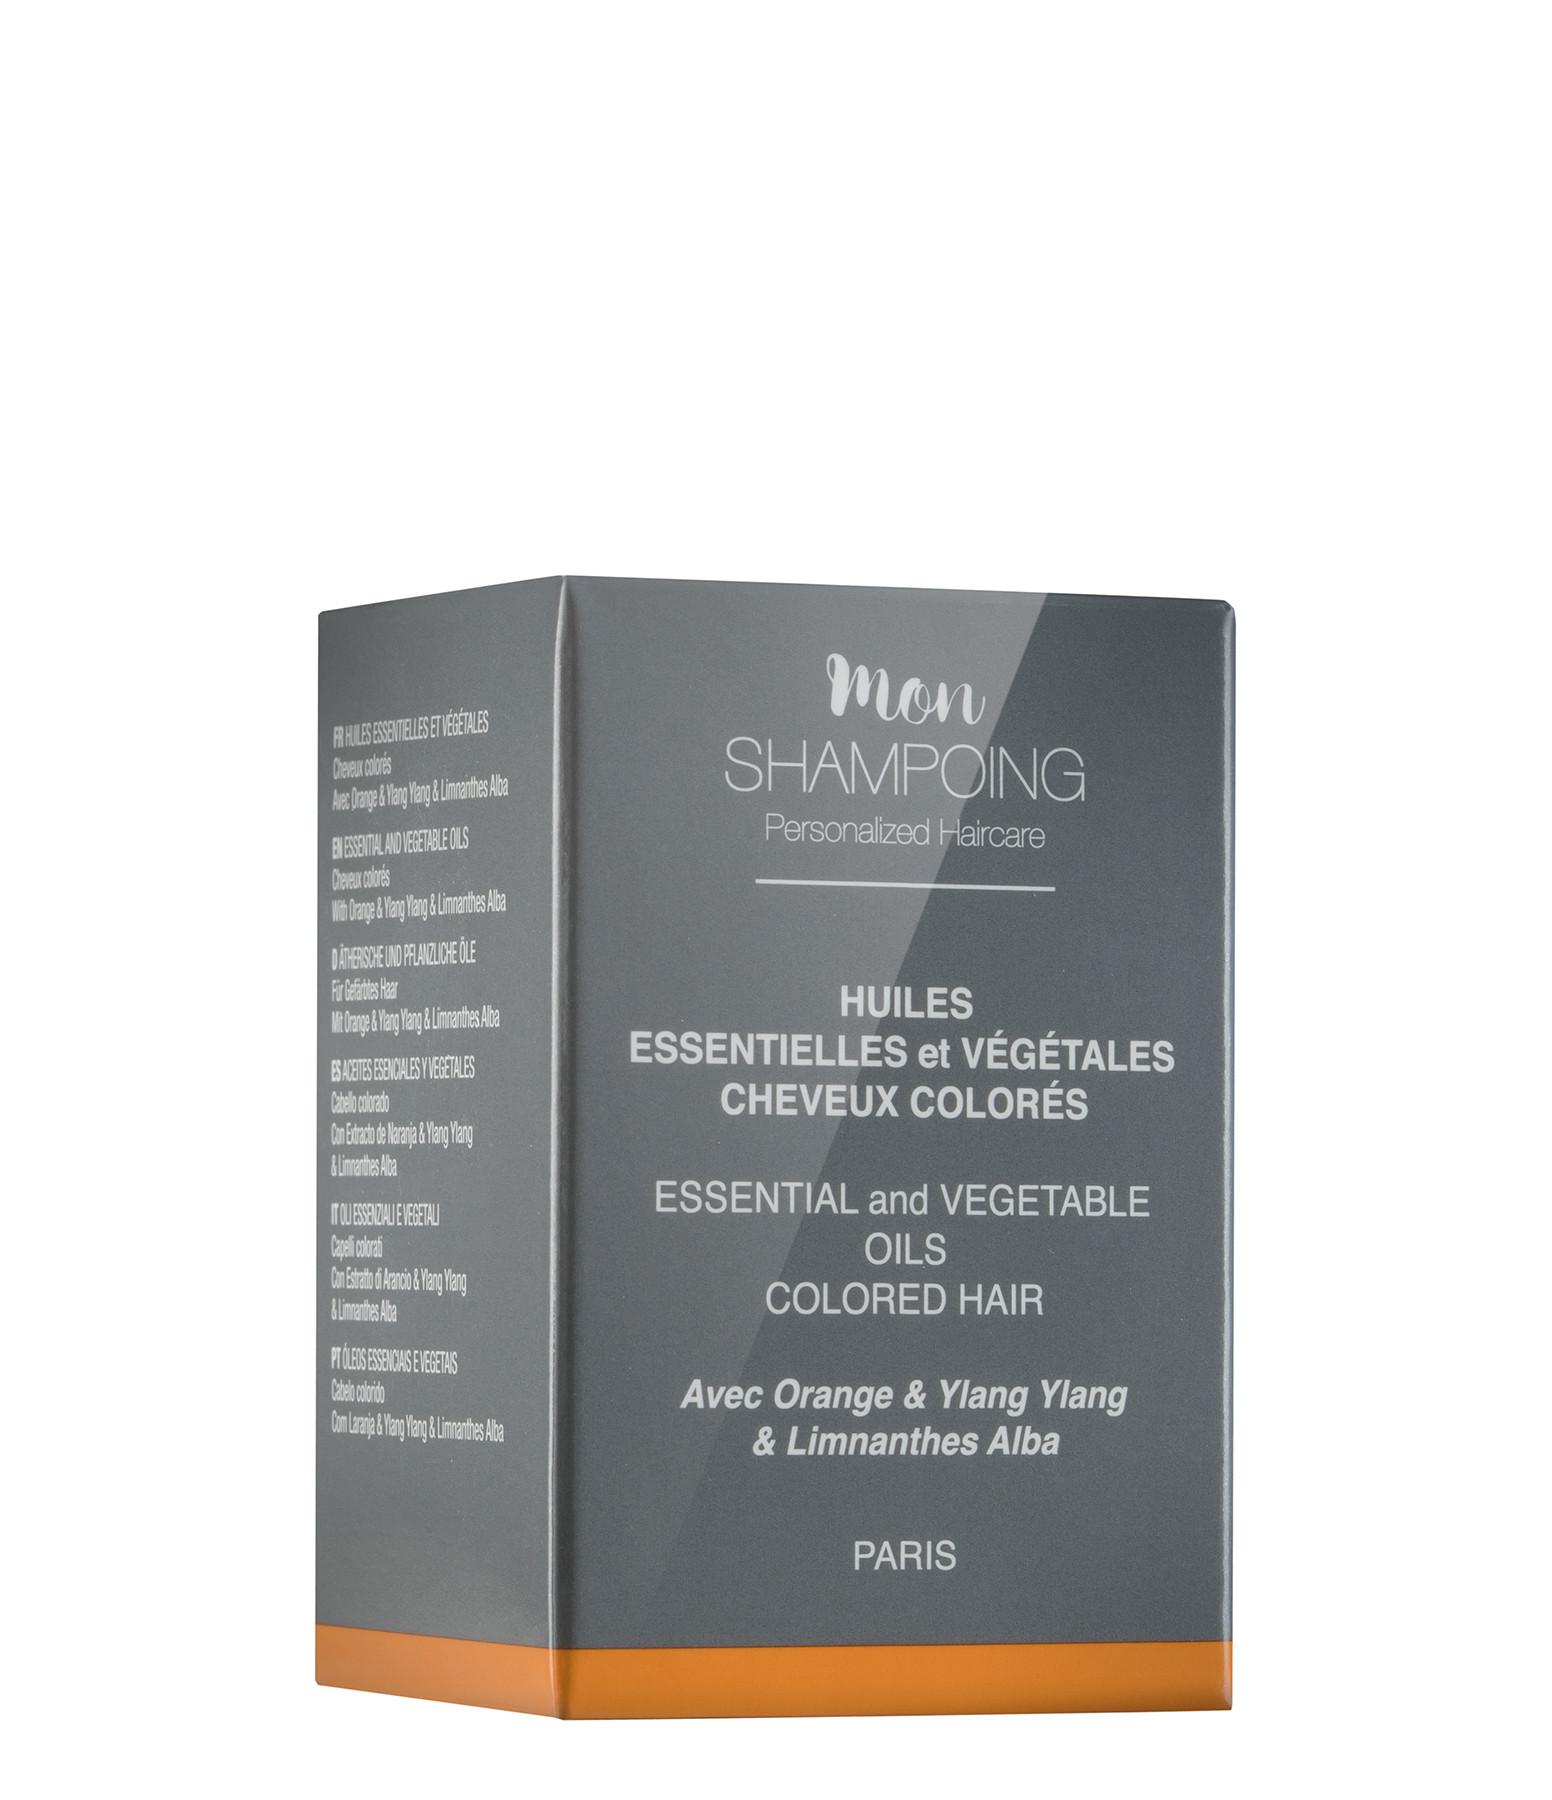 MON SHAMPOING - Booster Huiles Essentielles Cheveux Colorés 5ml